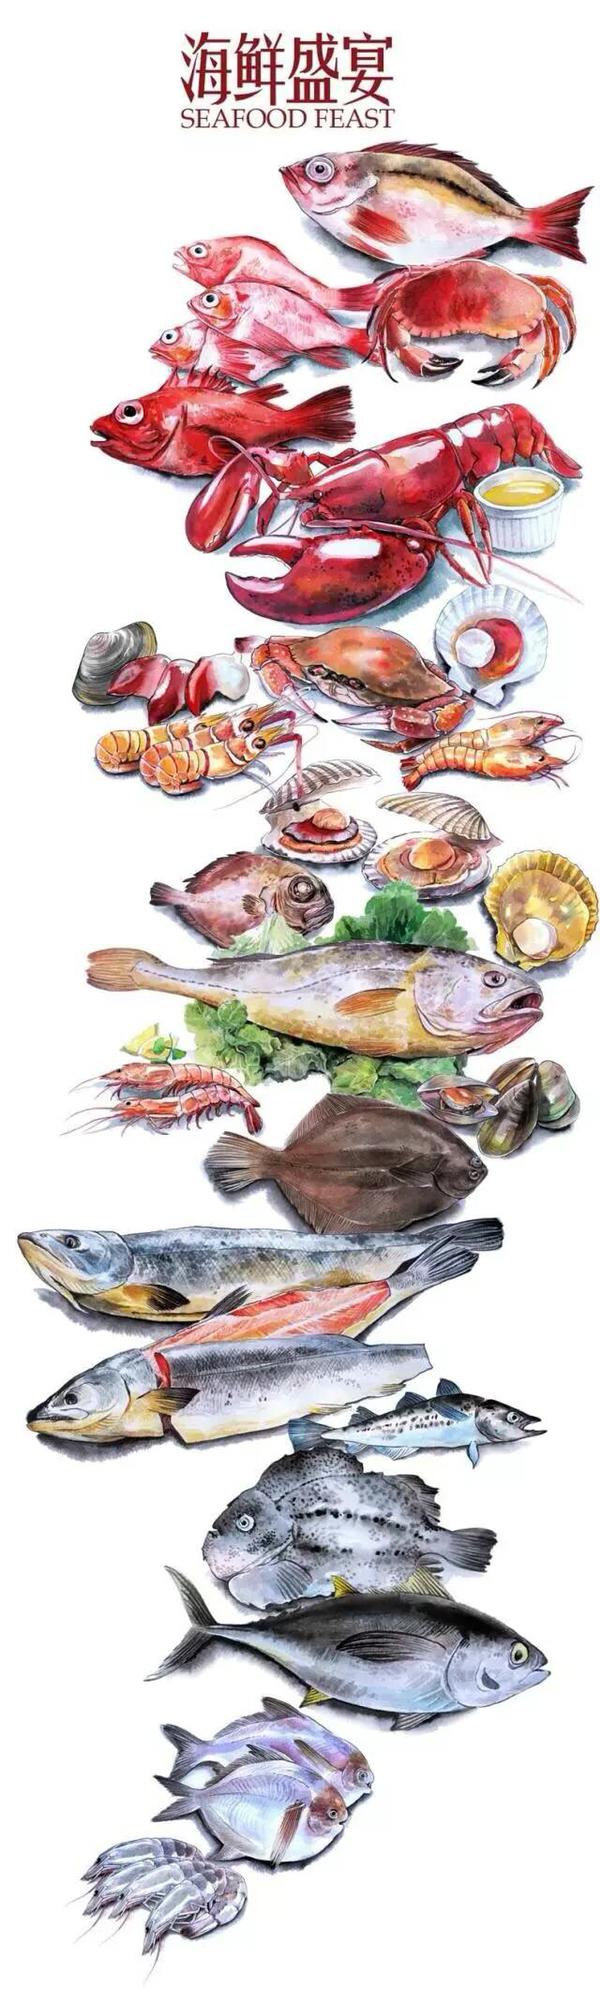 手绘海鲜大餐